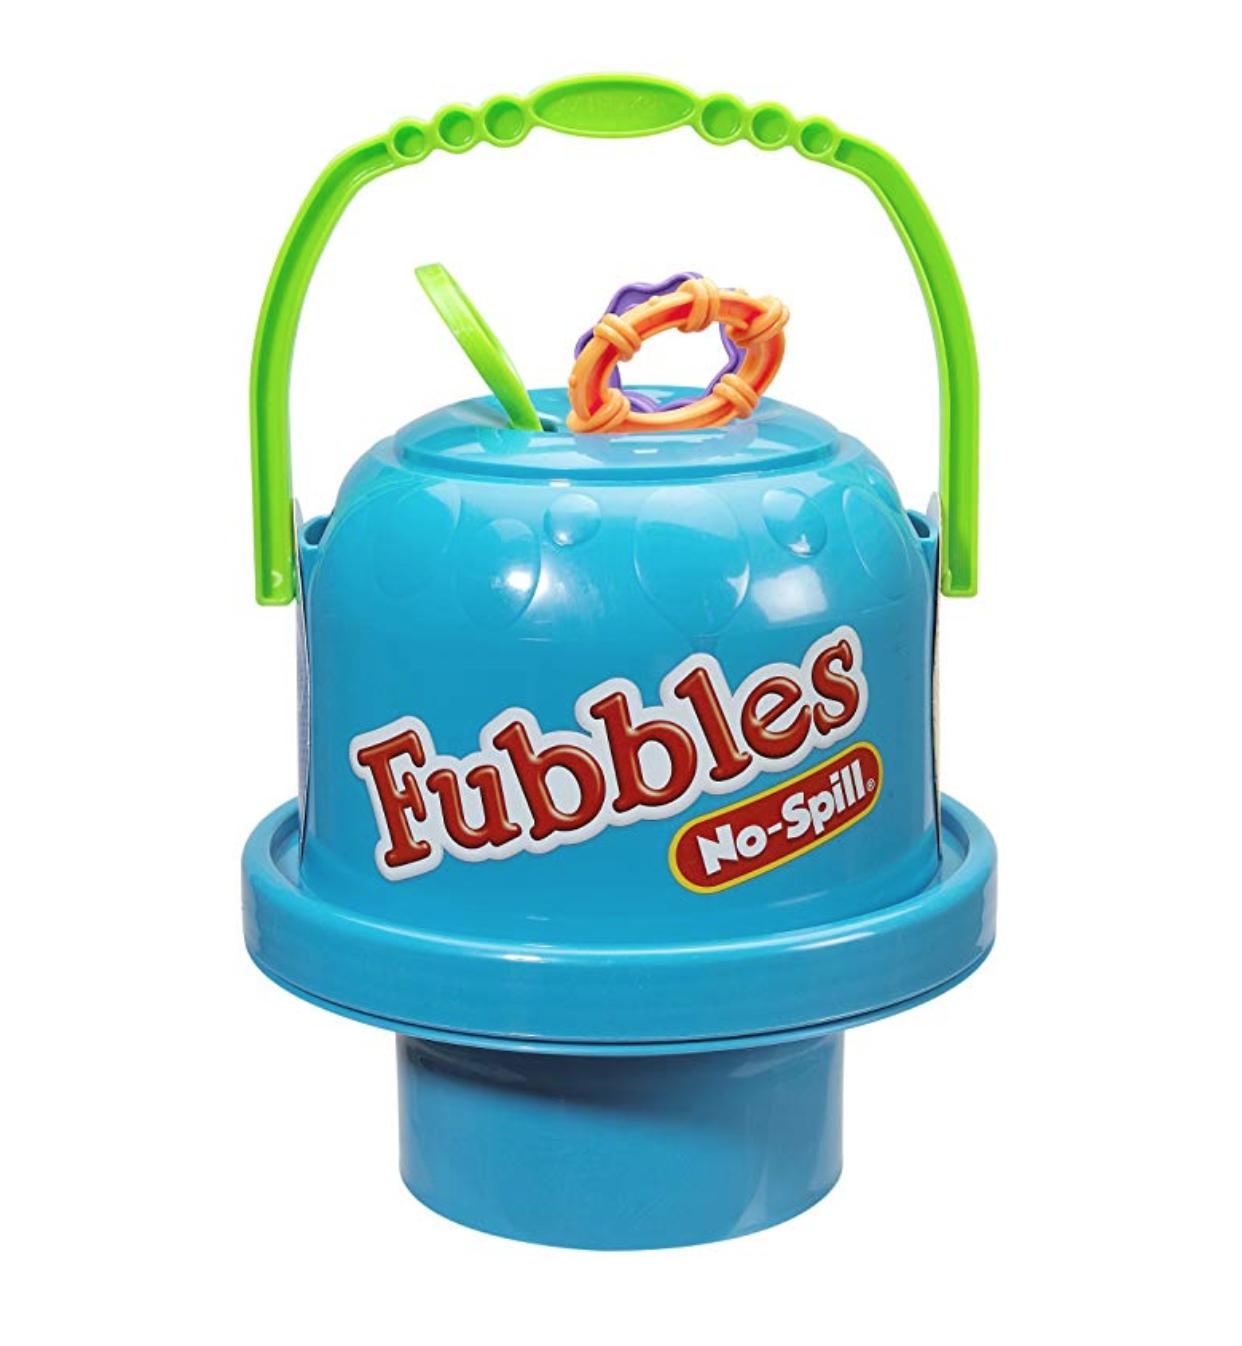 Fubbles